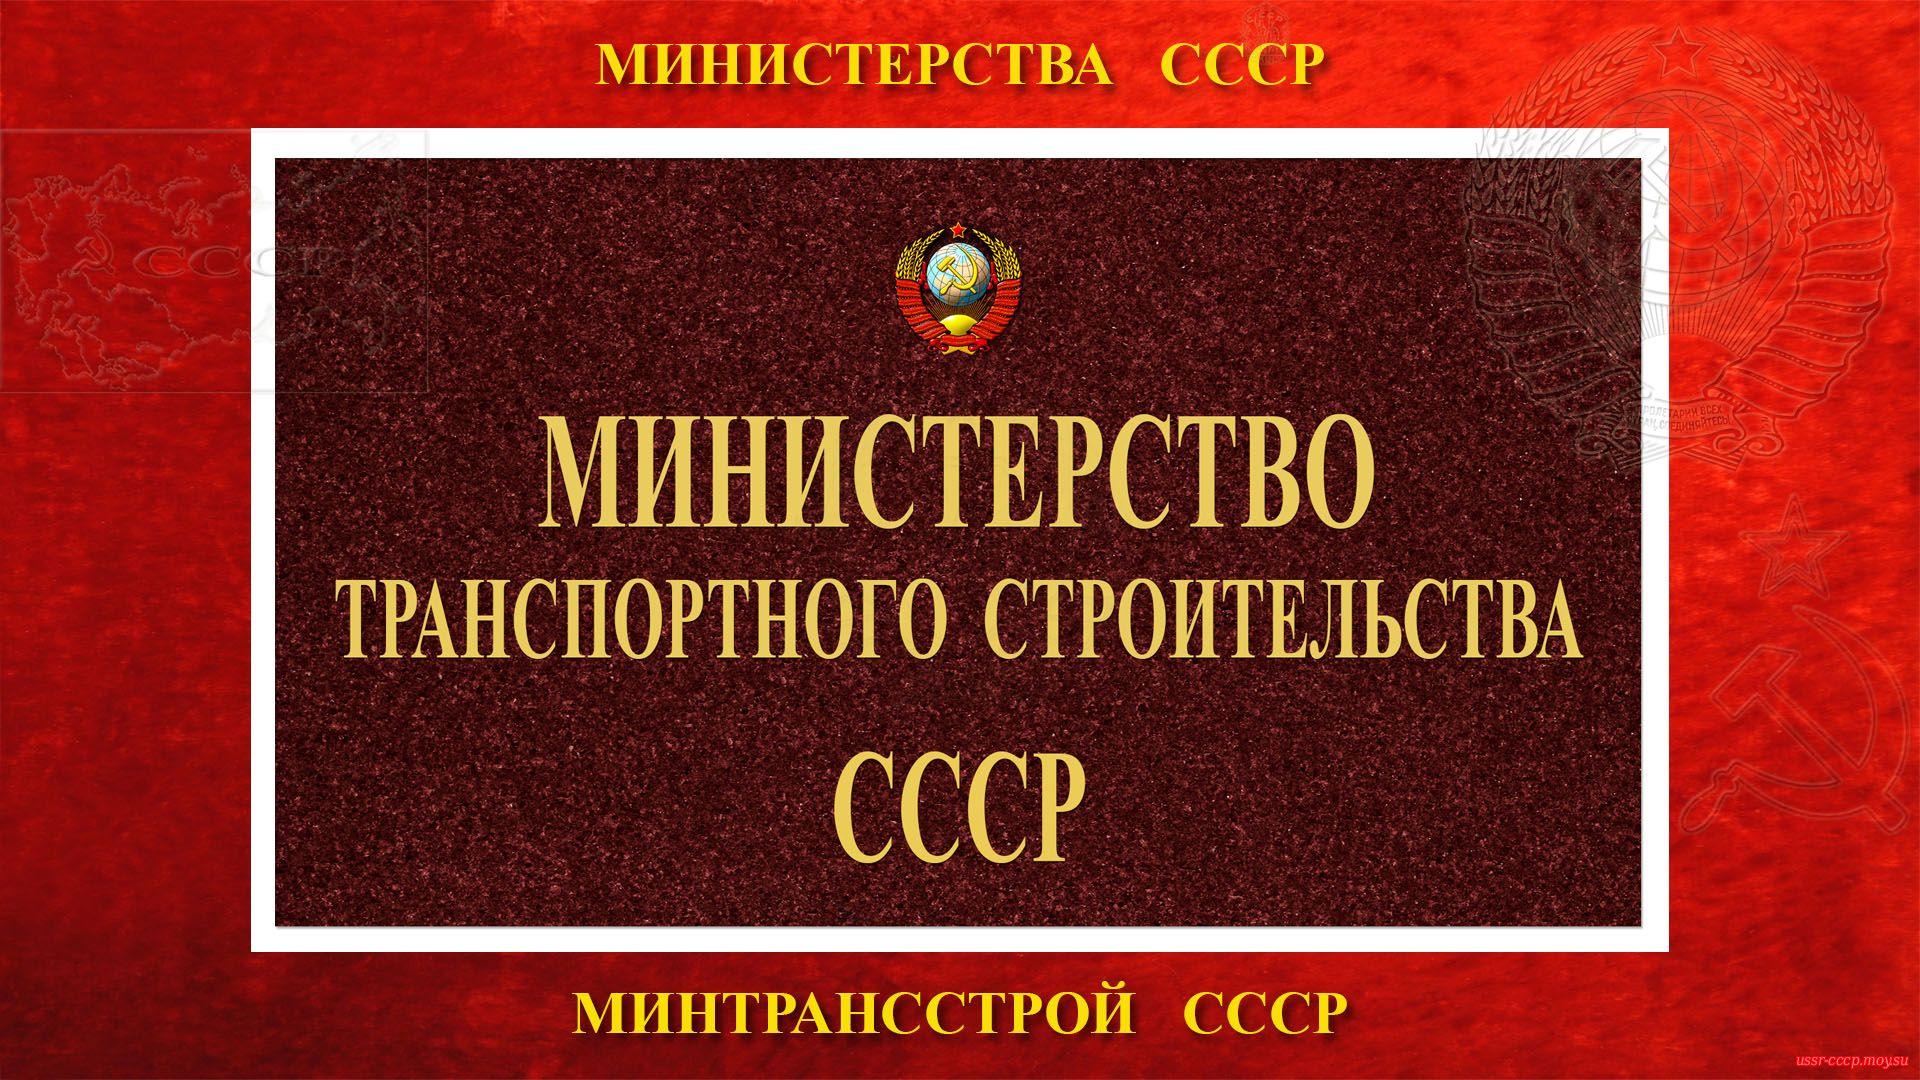 Министерство транспортного строительства СССР — МИНТРАНССТРОЙ СССР